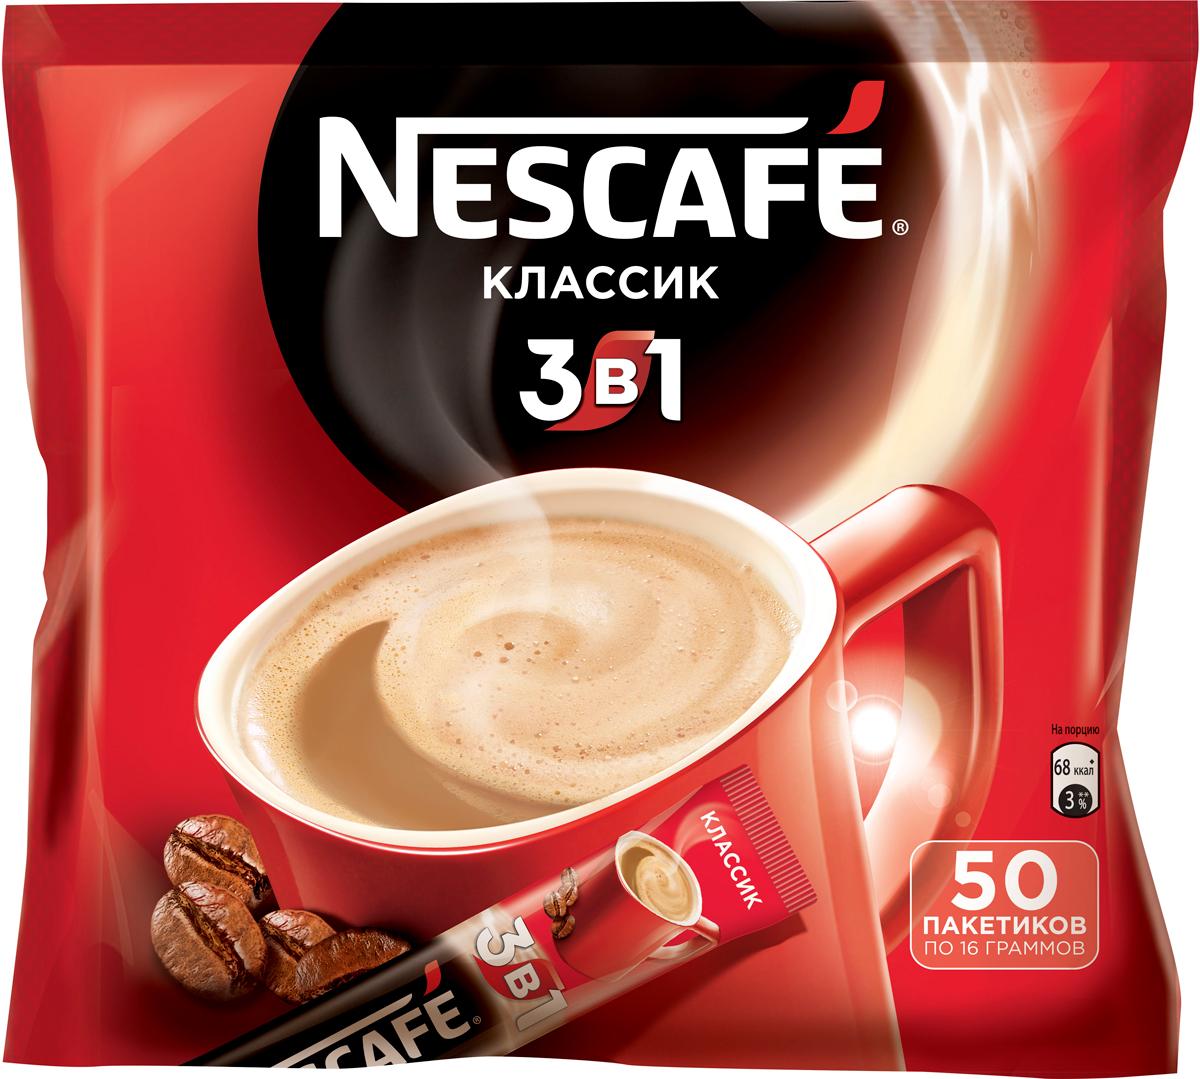 Nescafe 3 в 1 Классик кофе растворимый, 50 штУПП00004243Nescafe 3 в 1 Классик - кофейно-сливочный напиток, в состав которого входят высококачественные ингредиенты: кофе Nescafe, сахар, сливки растительного происхождения. Каждый пакетик Nescafe 3 в 1 подарит вам идеальное сочетание кофе, сливок, сахара!